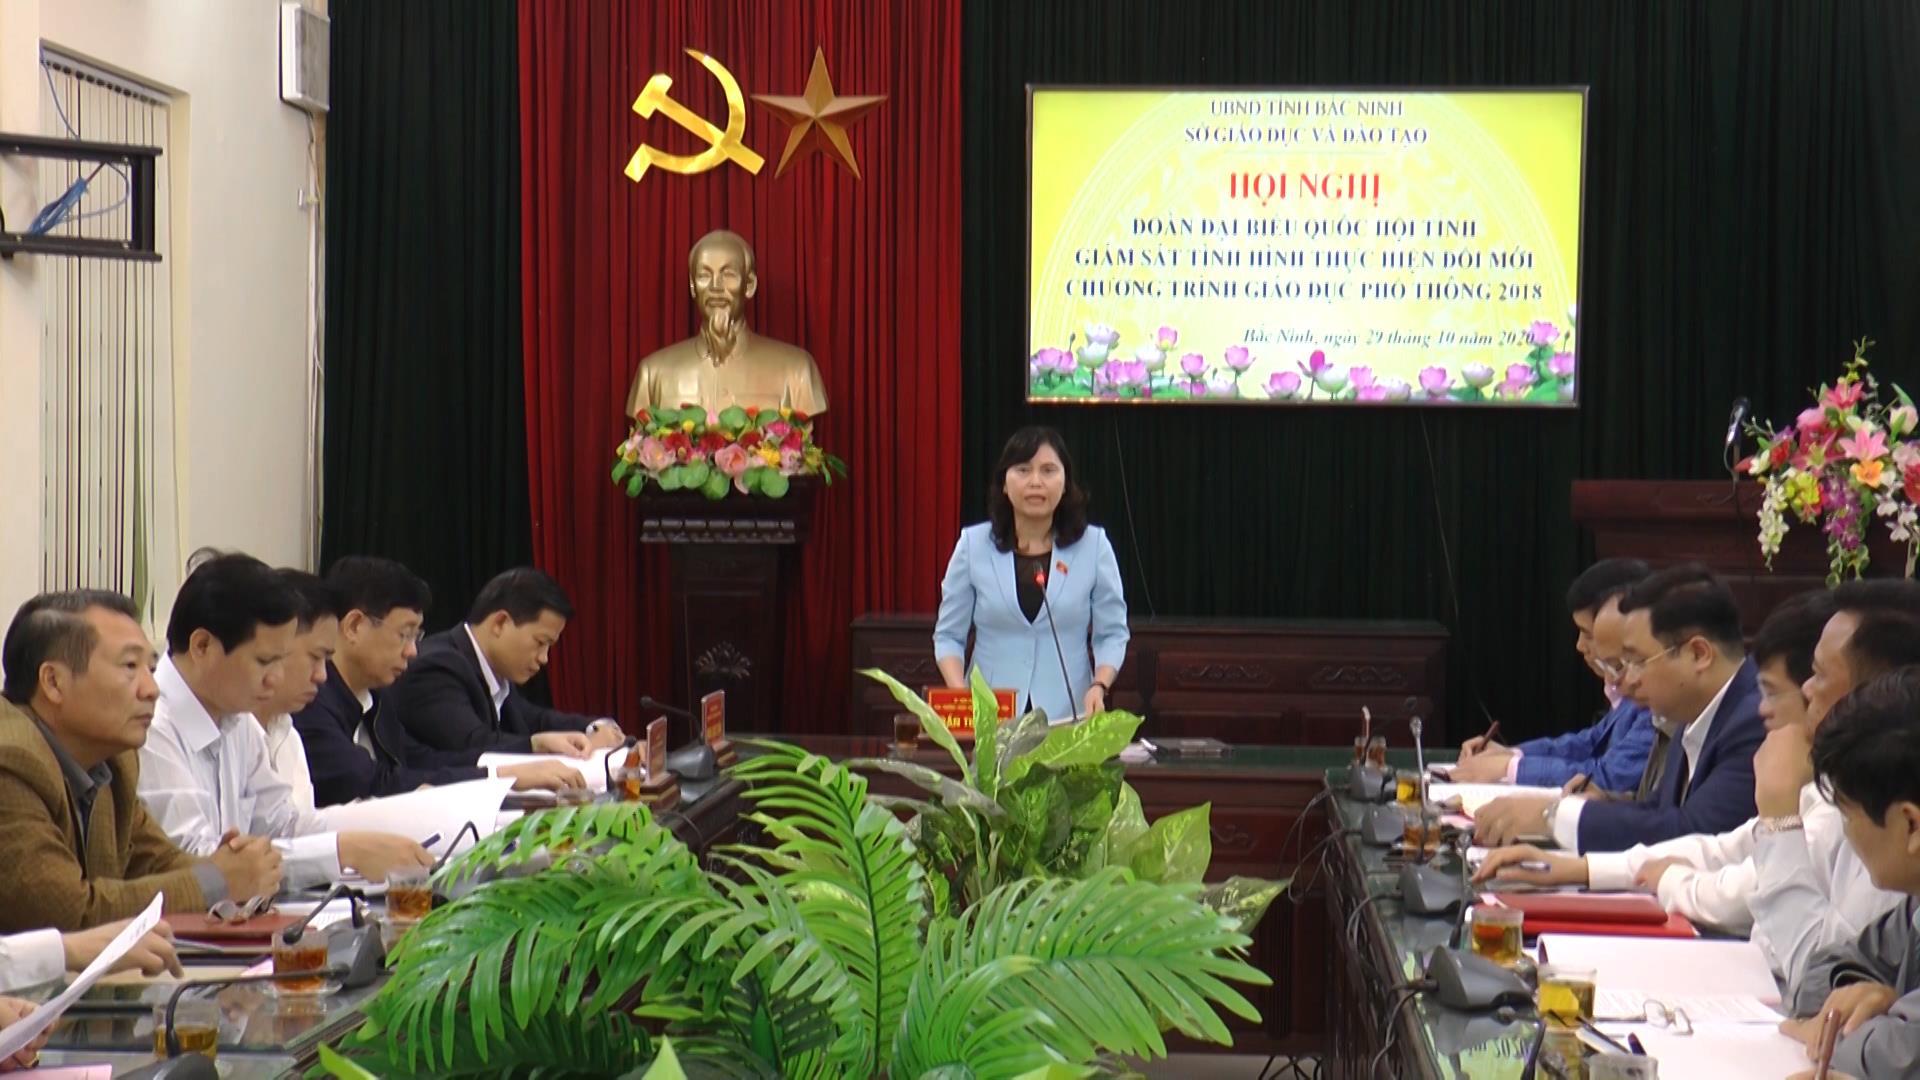 Đoàn ĐBQH tỉnh giám sát thực hiện Nghị quyết số 88 và 51 của Quốc hội tại Sở Giáo dục và Đào tạo